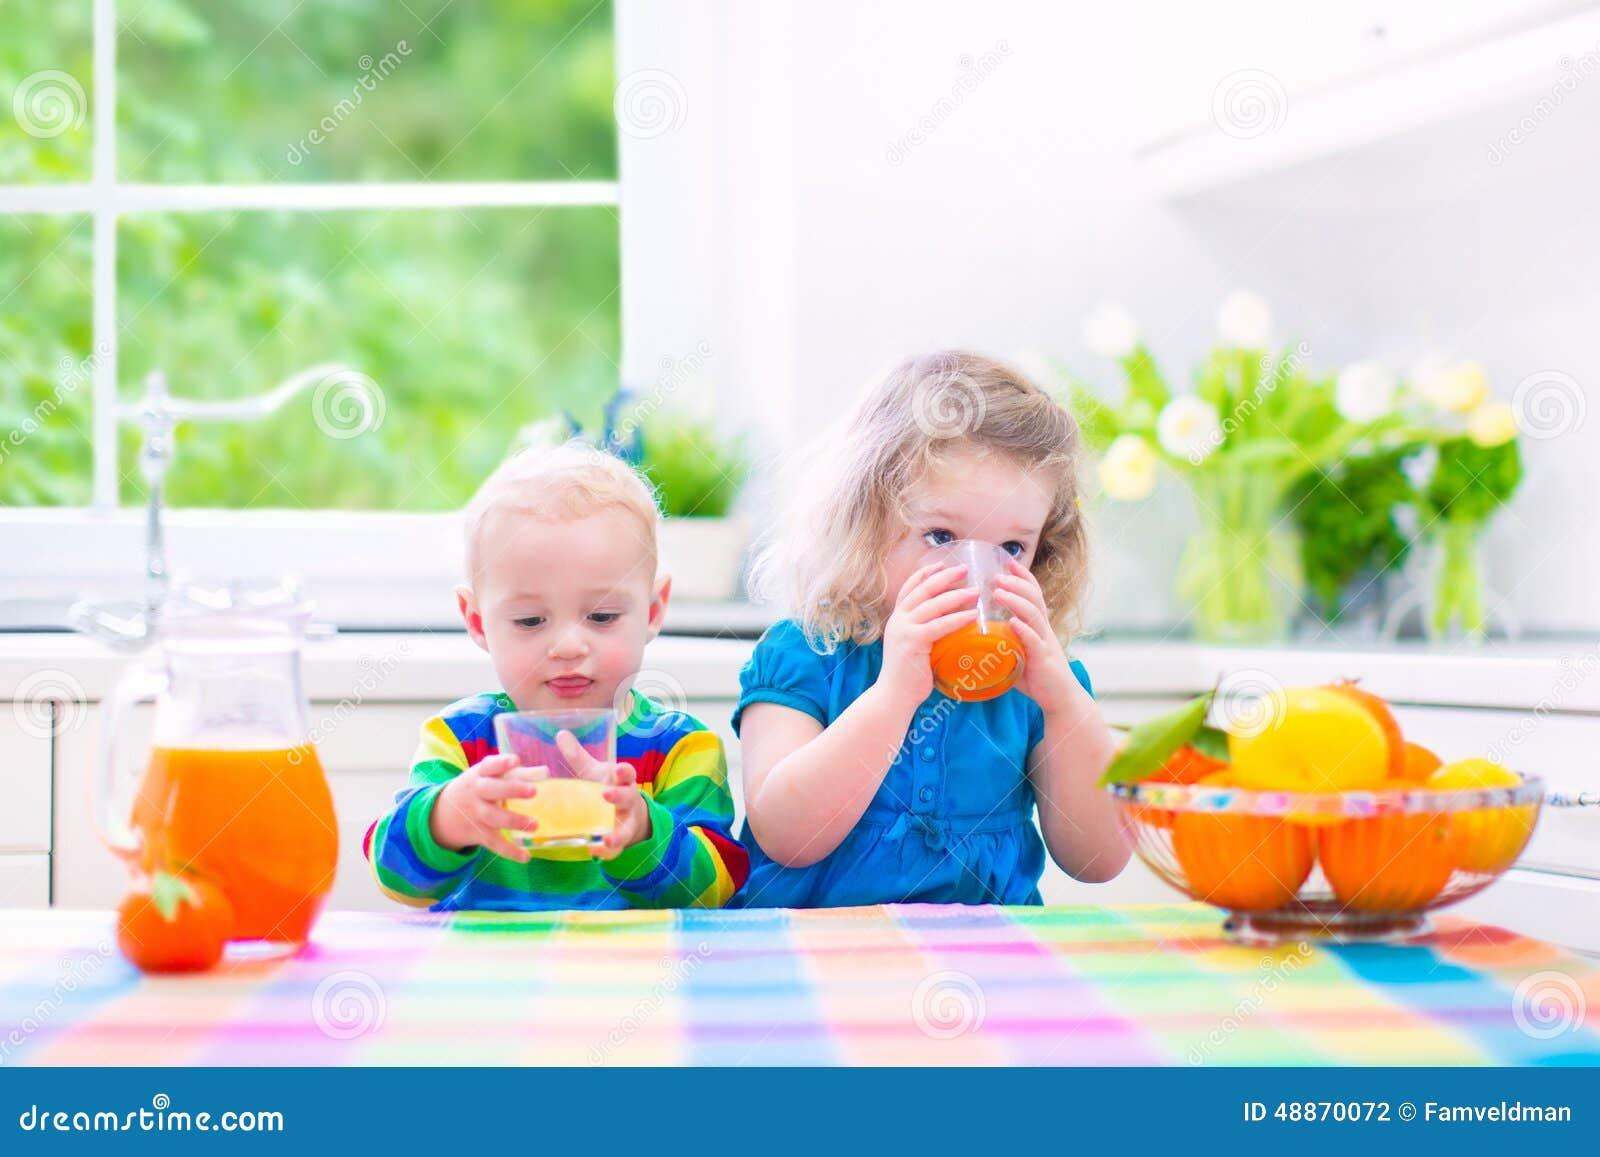 Παιδιά που πίνουν το χυμό από πορτοκάλι